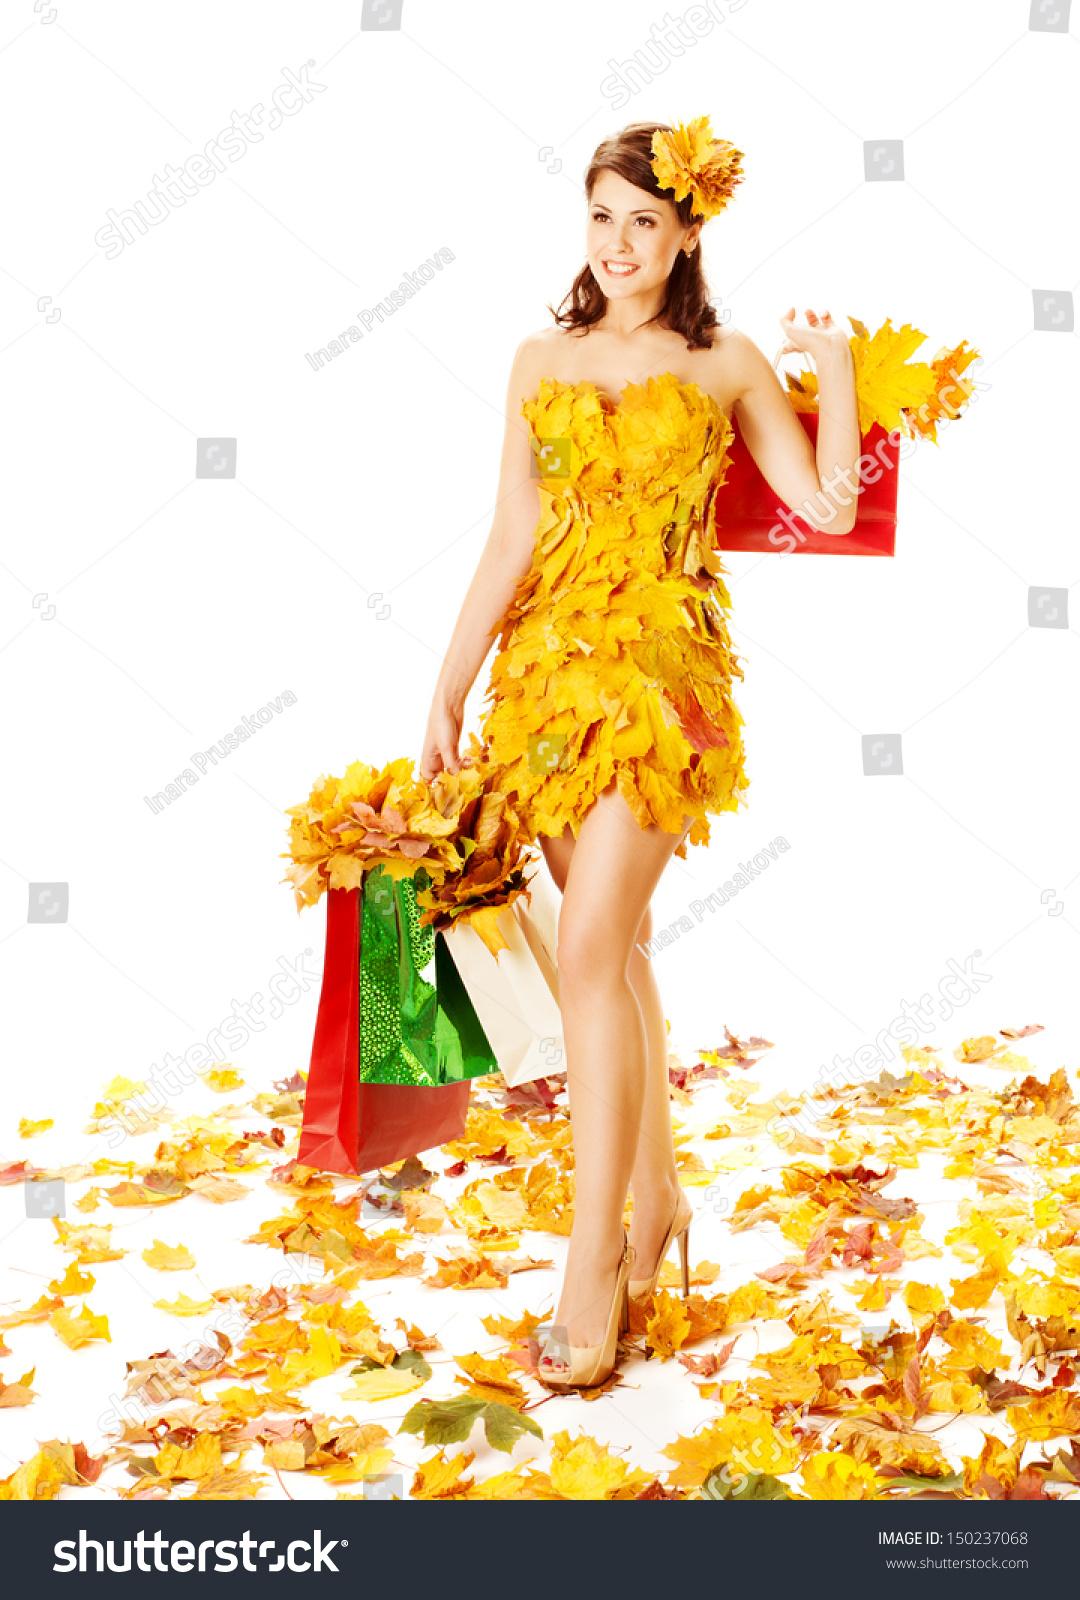 秋天的女人购物袋枫叶的衣服.白色背景